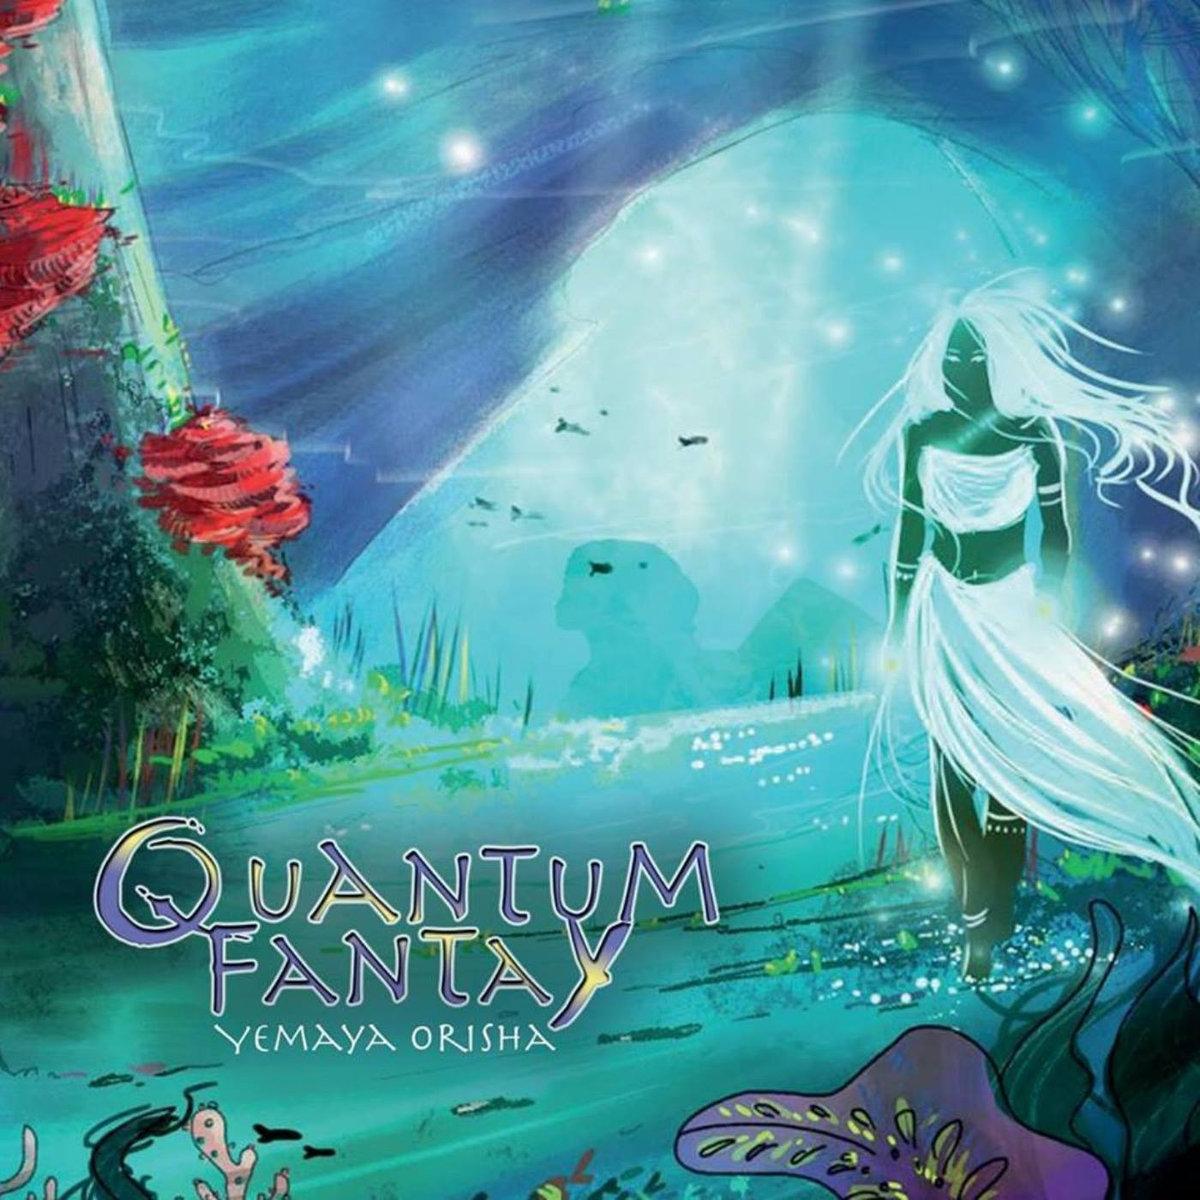 Quantum Fantay: Yemaya Orisha